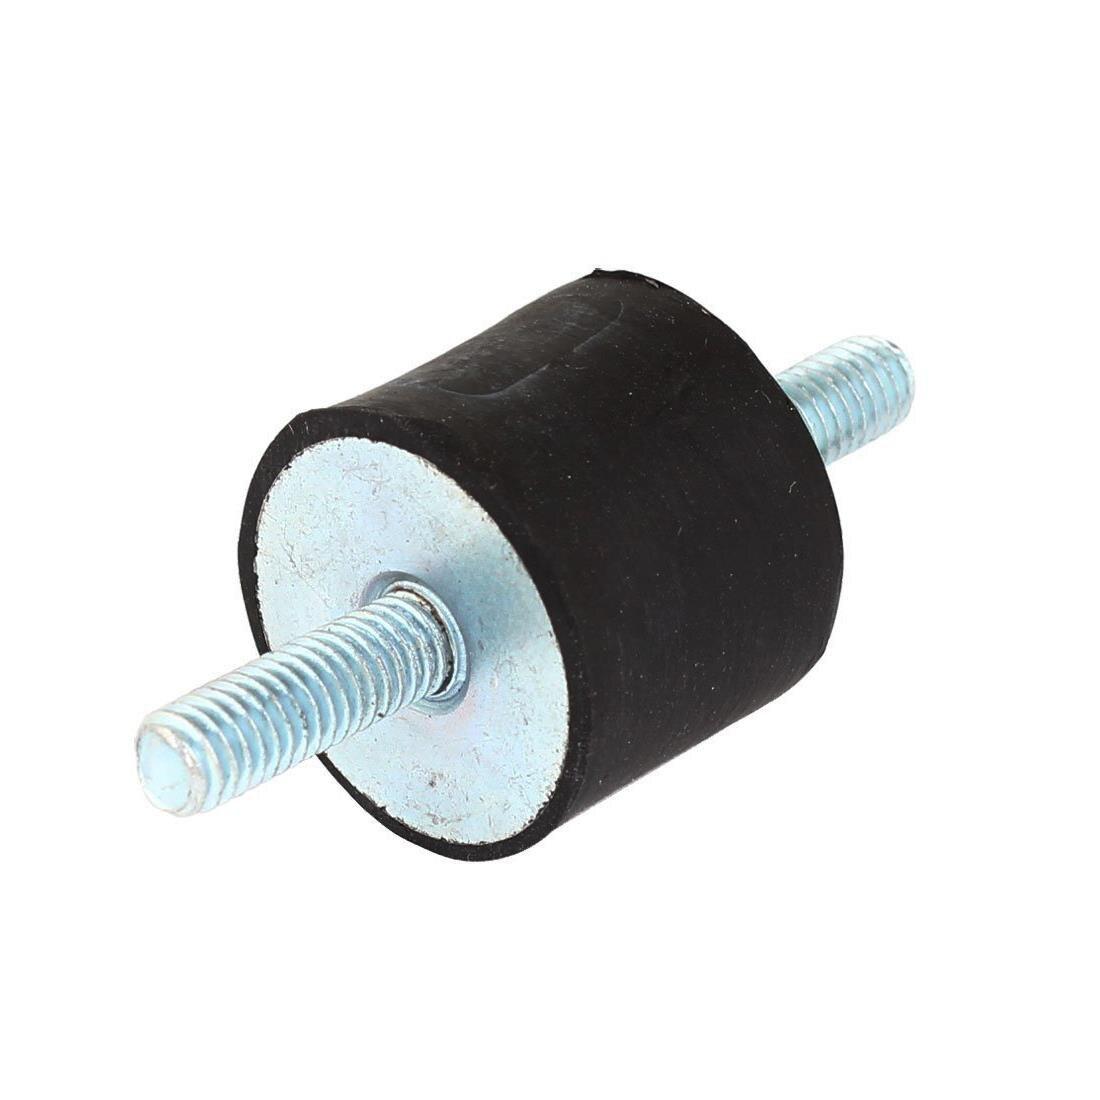 SEWS-amortiguador de goma/amortiguador de vibración, rosca macho M6, 25 mm x 20 mm